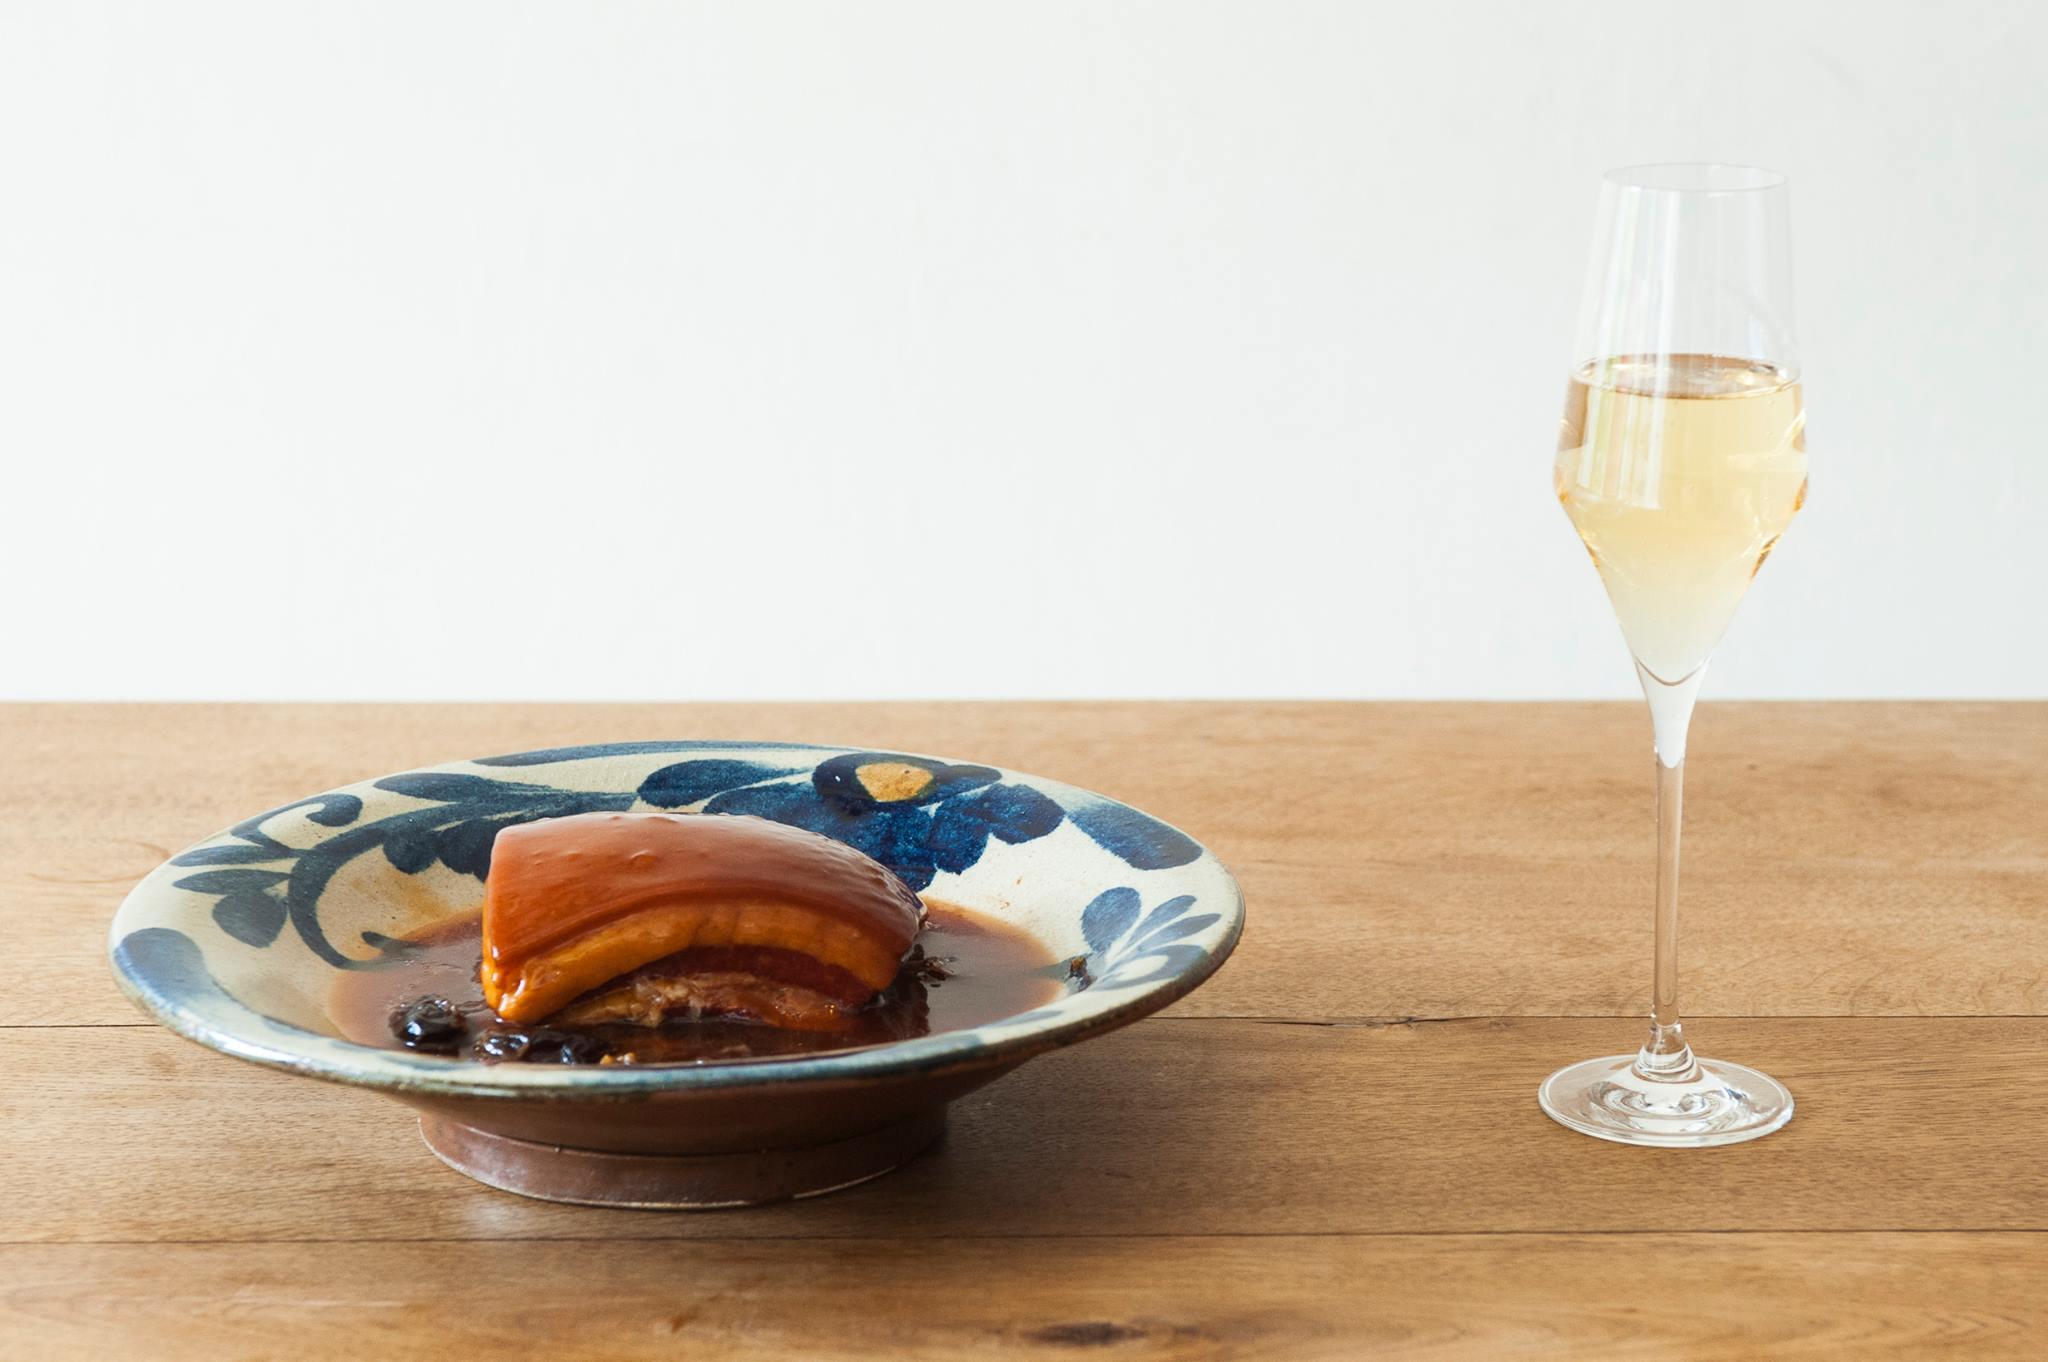 原來魯肉配香檳這麼對味???? 9家顛覆你味蕾的新創台灣味!